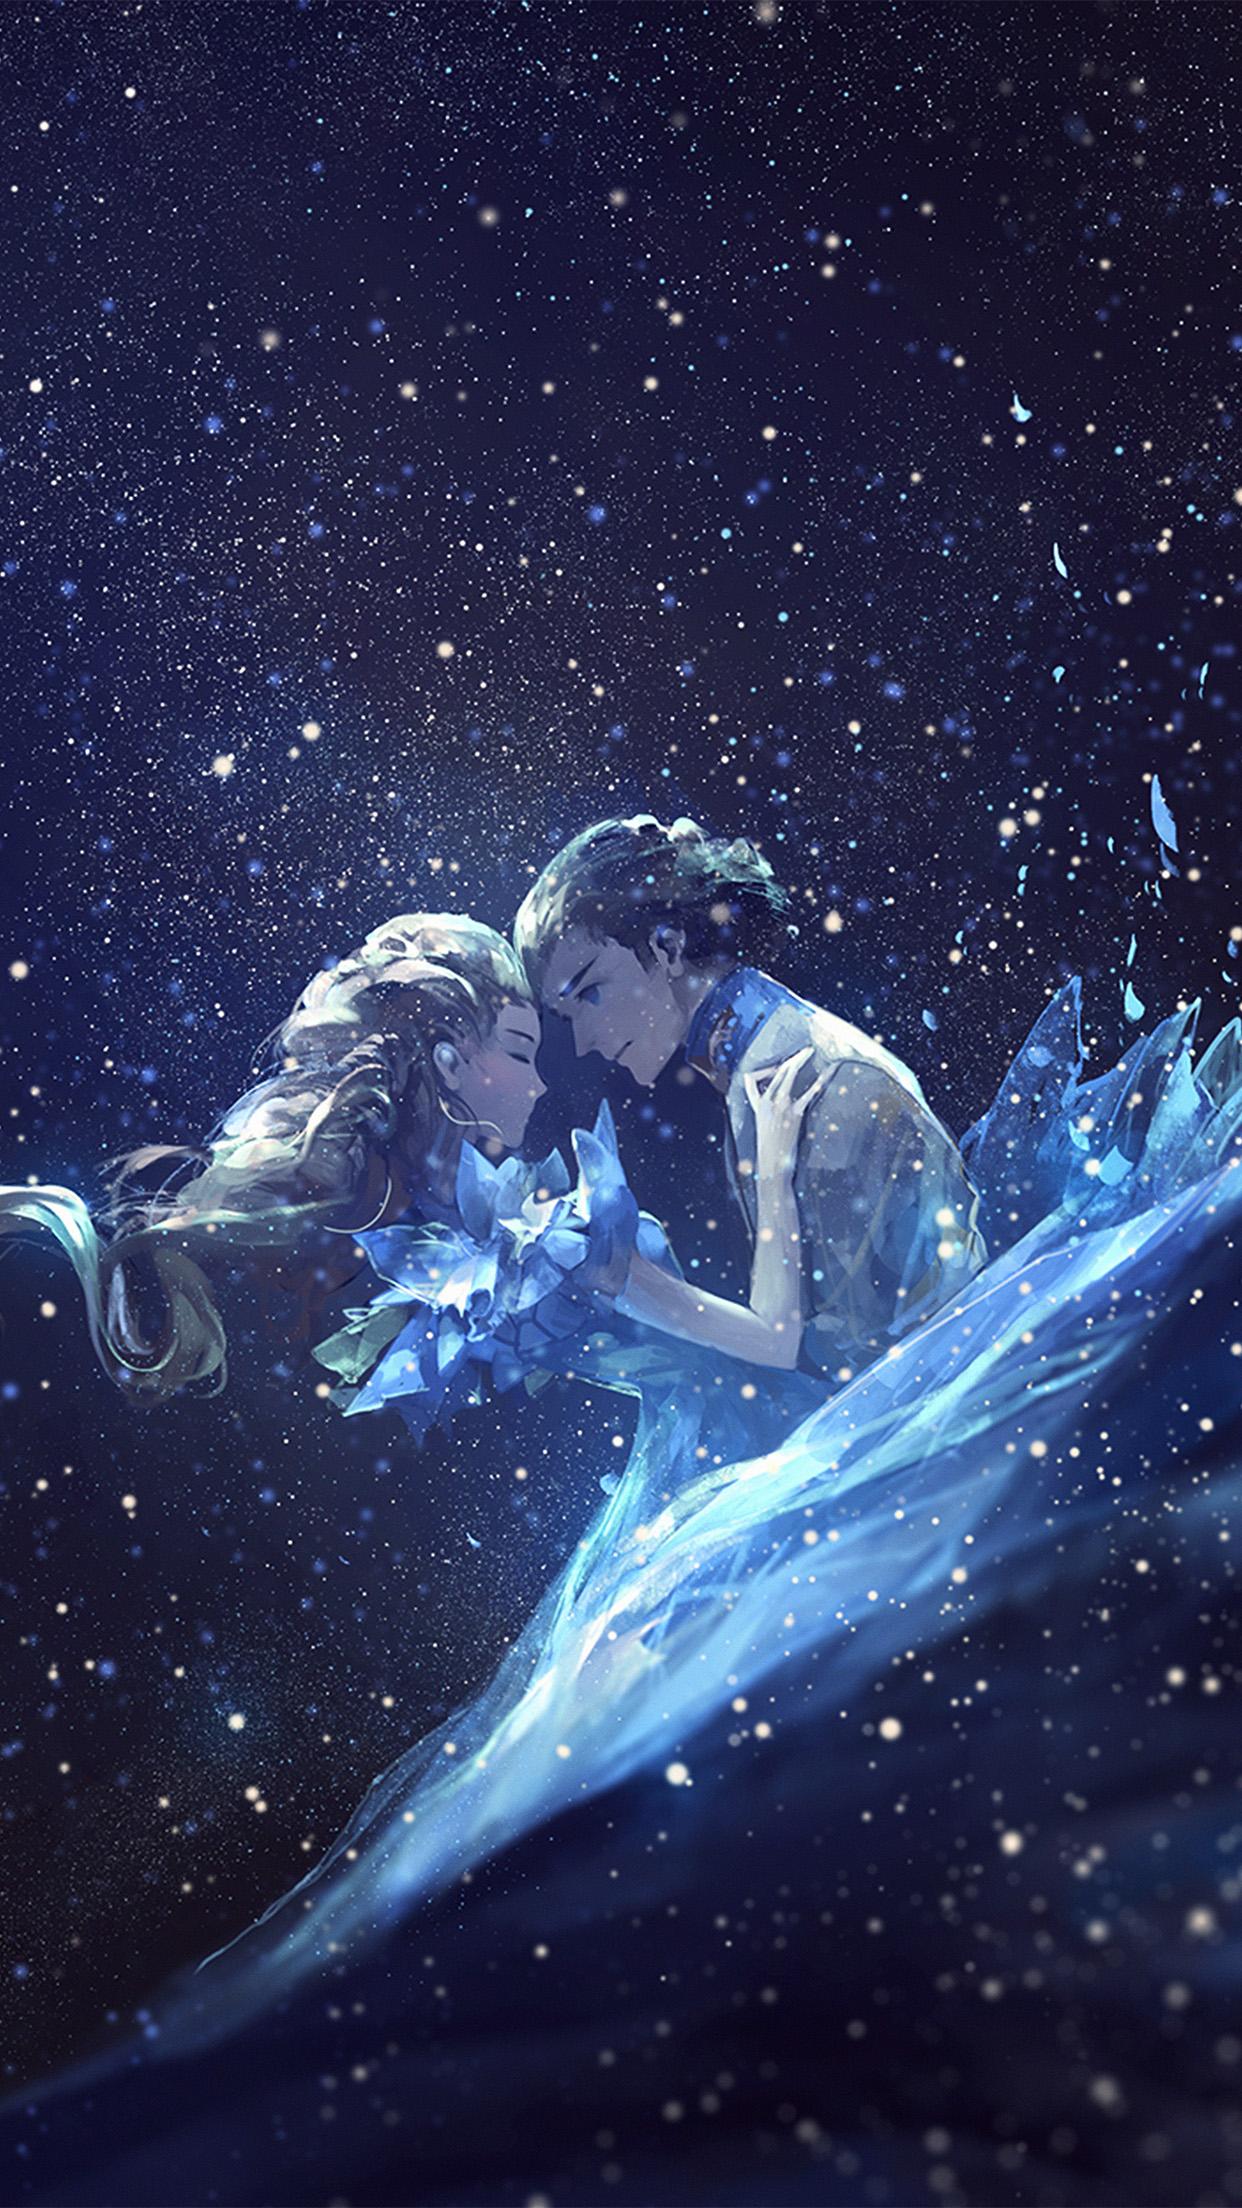 Anime Girl Looking At Sky Wallpaper Av43 Anime Kiss Love Blue Girl Boy Illustration Art Wallpaper